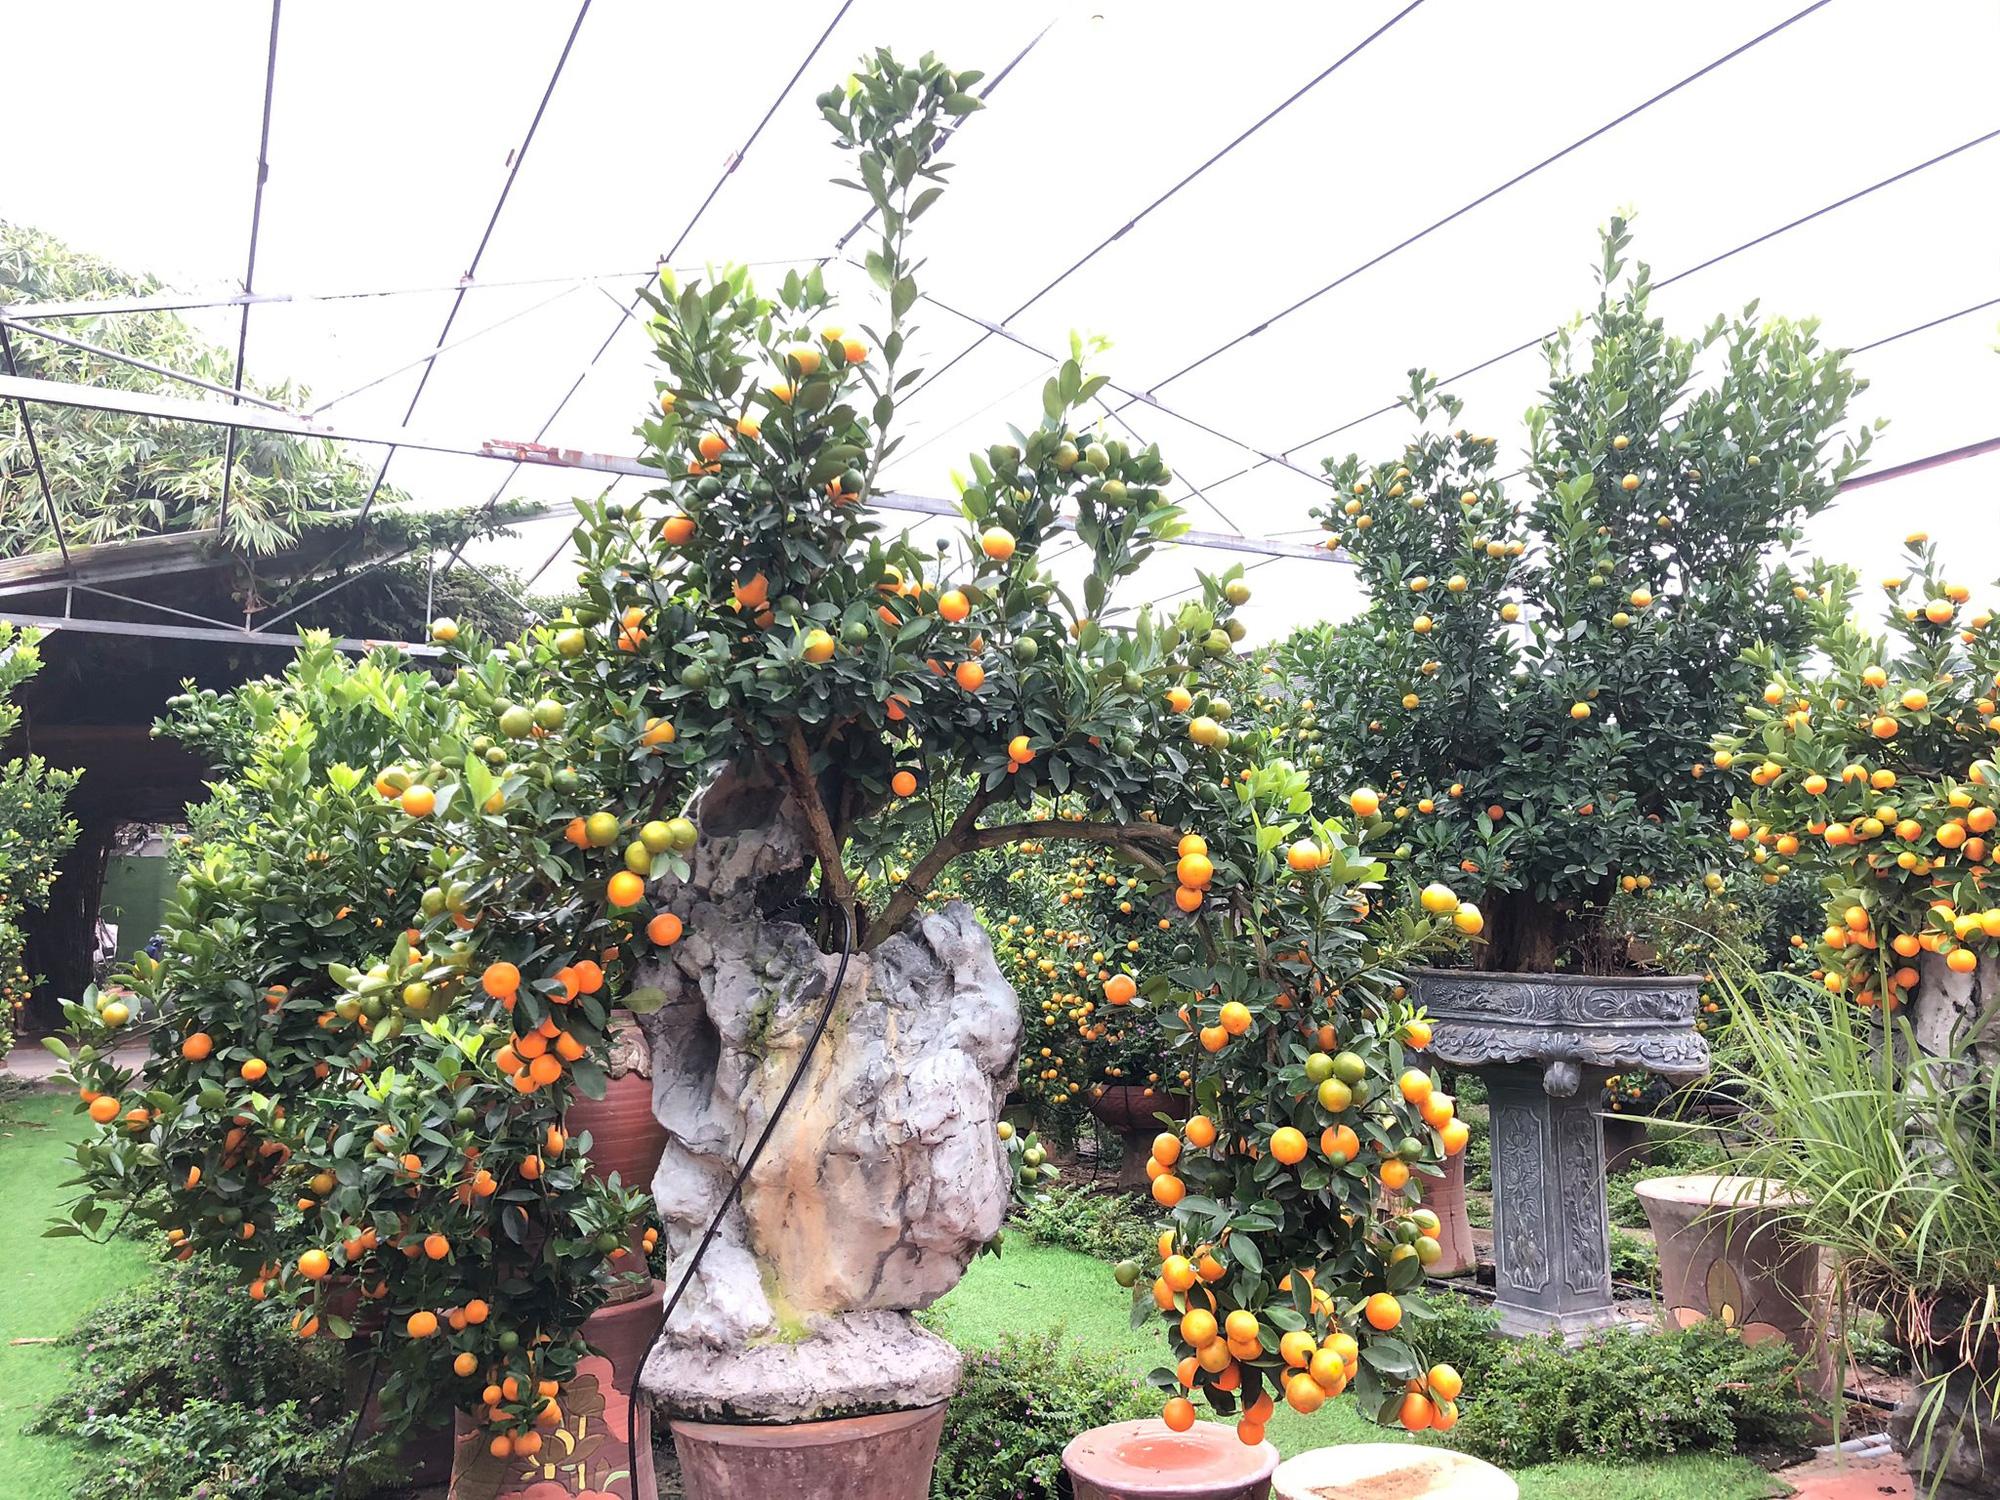 Tết Tân Sửu: Quất bonsai mini, vừa túi tiền dễ bán, dễ mua, dễ trưng bày đắt khách như tôm tươi - Ảnh 11.